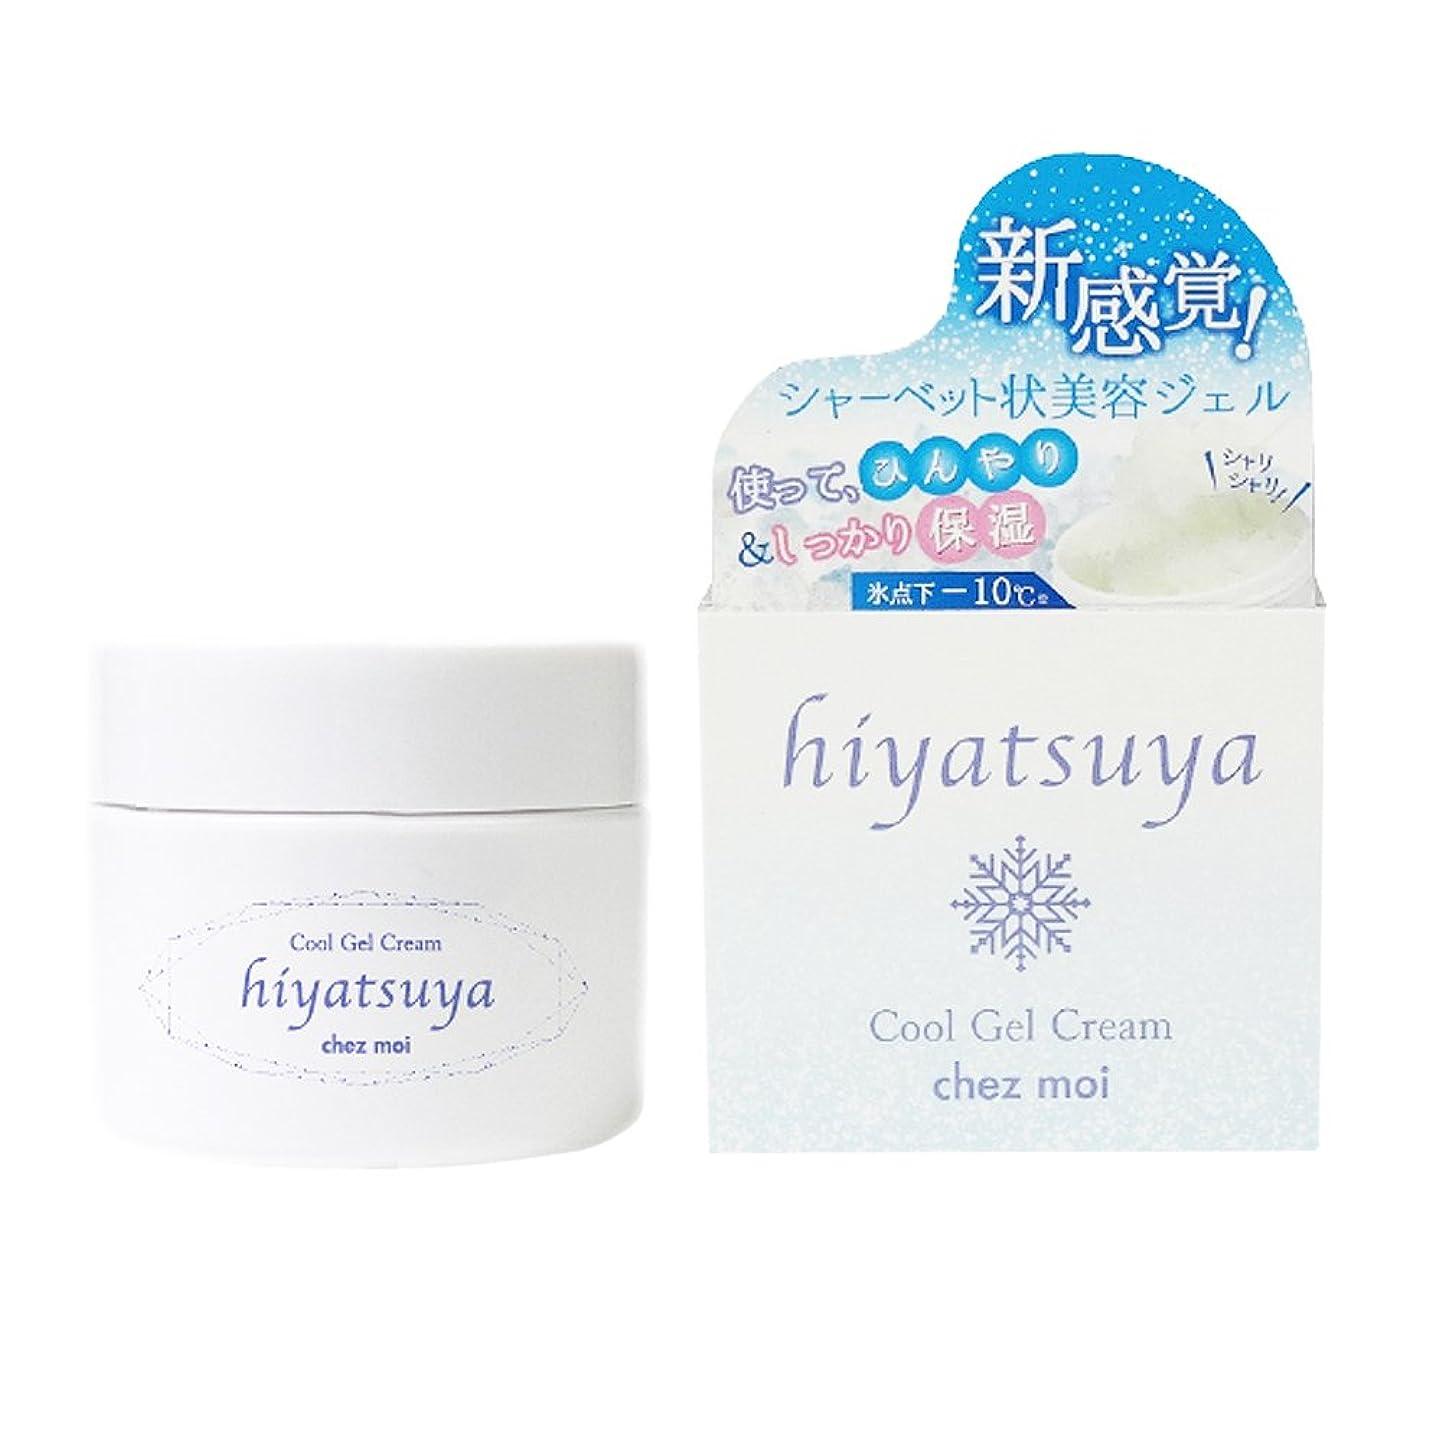 強制的最高クロスシェモア hiyatsuya(ヒヤツヤ) cool gel cream 70g